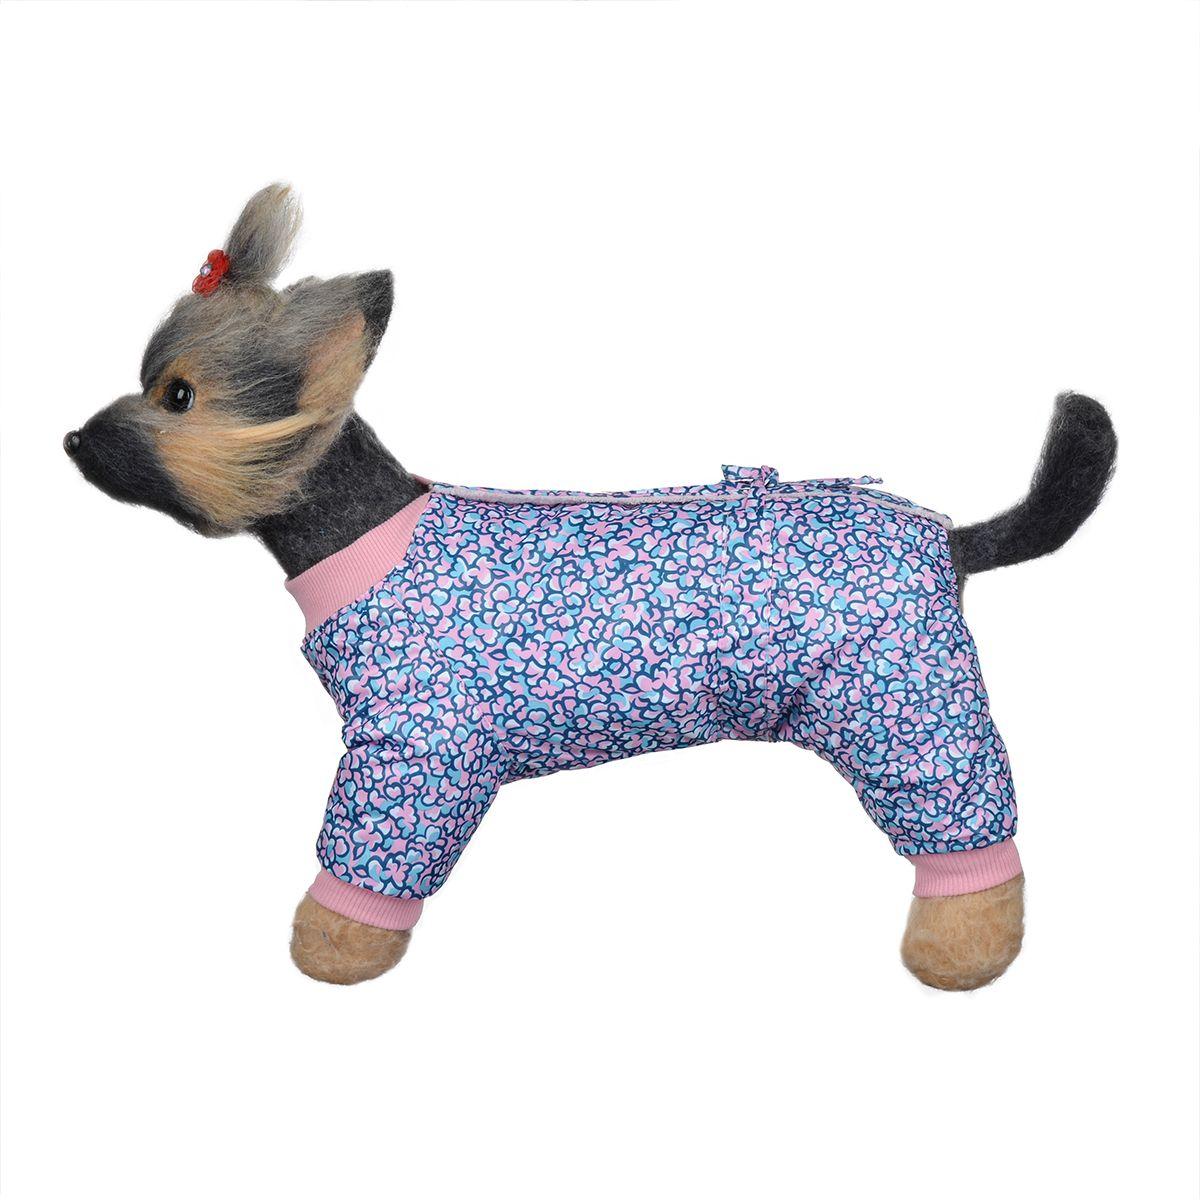 Комбинезон для собак Dogmoda Лаки, зимний, для девочки, цвет: розовый, синий. Размер 1 (S)DM-150334-1Комбинезон для собак Dogmoda Лаки, оформленный ярким цветочным рисунком, отлично подойдет для прогулок в зимнее время года.Комбинезон изготовлен из водоотталкивающего полиэстера, защищающего от ветра и снега, с утеплителем из синтепона, который сохранит тепло даже в сильные морозы, а в качестве подкладки используется искусственный мех, который обеспечивает отличный воздухообмен. Комбинезон застегивается на кнопки на спинке, благодаря чему его легко надевать и снимать. Ворот, низ рукавов и брючин оснащены широкими трикотажными манжетами, которые мягко обхватывают шею и лапки, не позволяя просачиваться холодному воздуху. На пояснице комбинезон затягивается на шнурок-кулиску. Изделие имеет максимально закрытый животик. Благодаря такому комбинезону простуда не грозит вашему питомцу, и он сможет испытать не сравнимое удовольствие от снежных игр и забав.